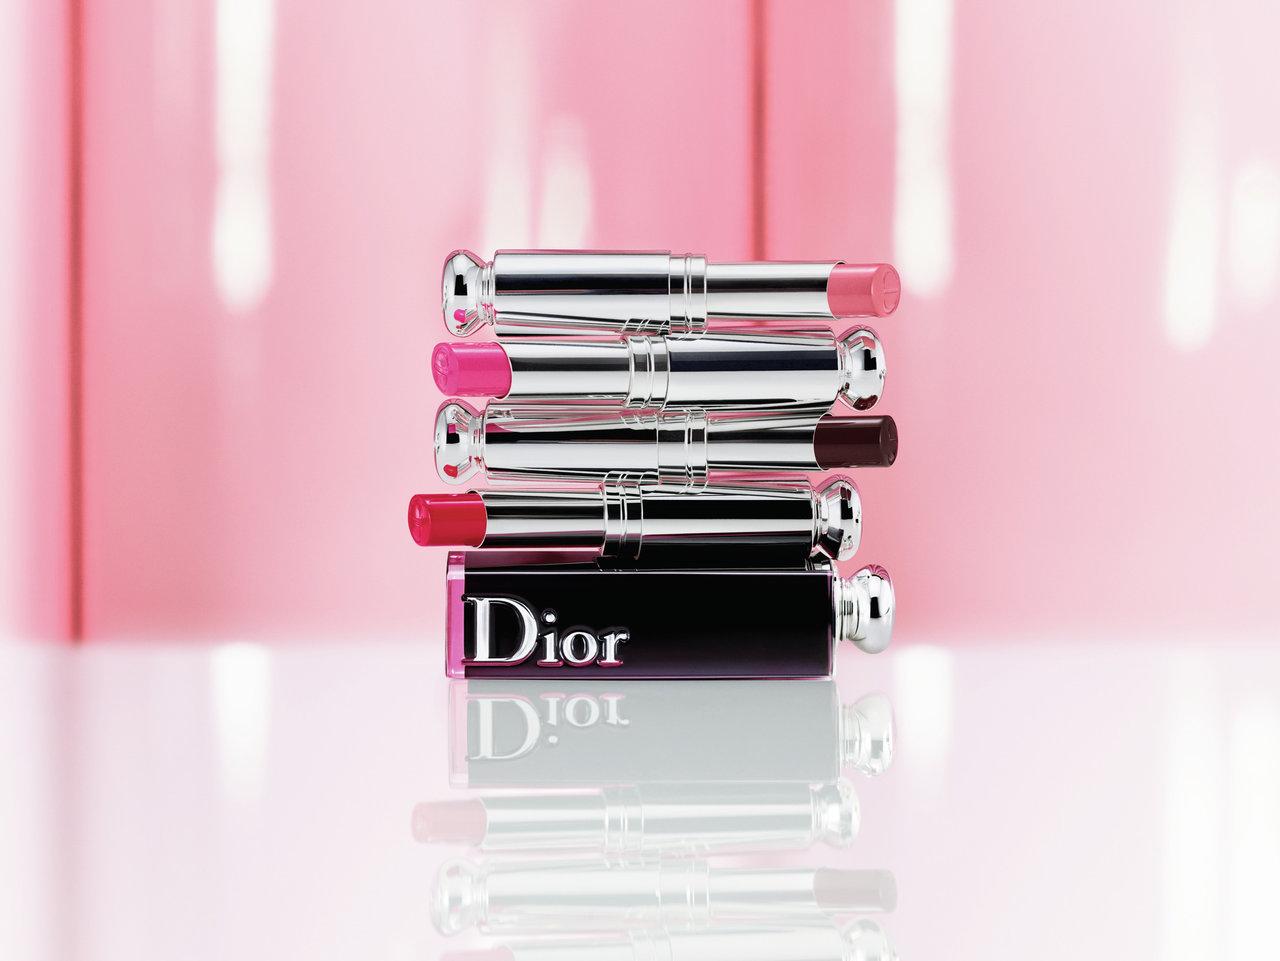 Dior ディオール 新作コスメ